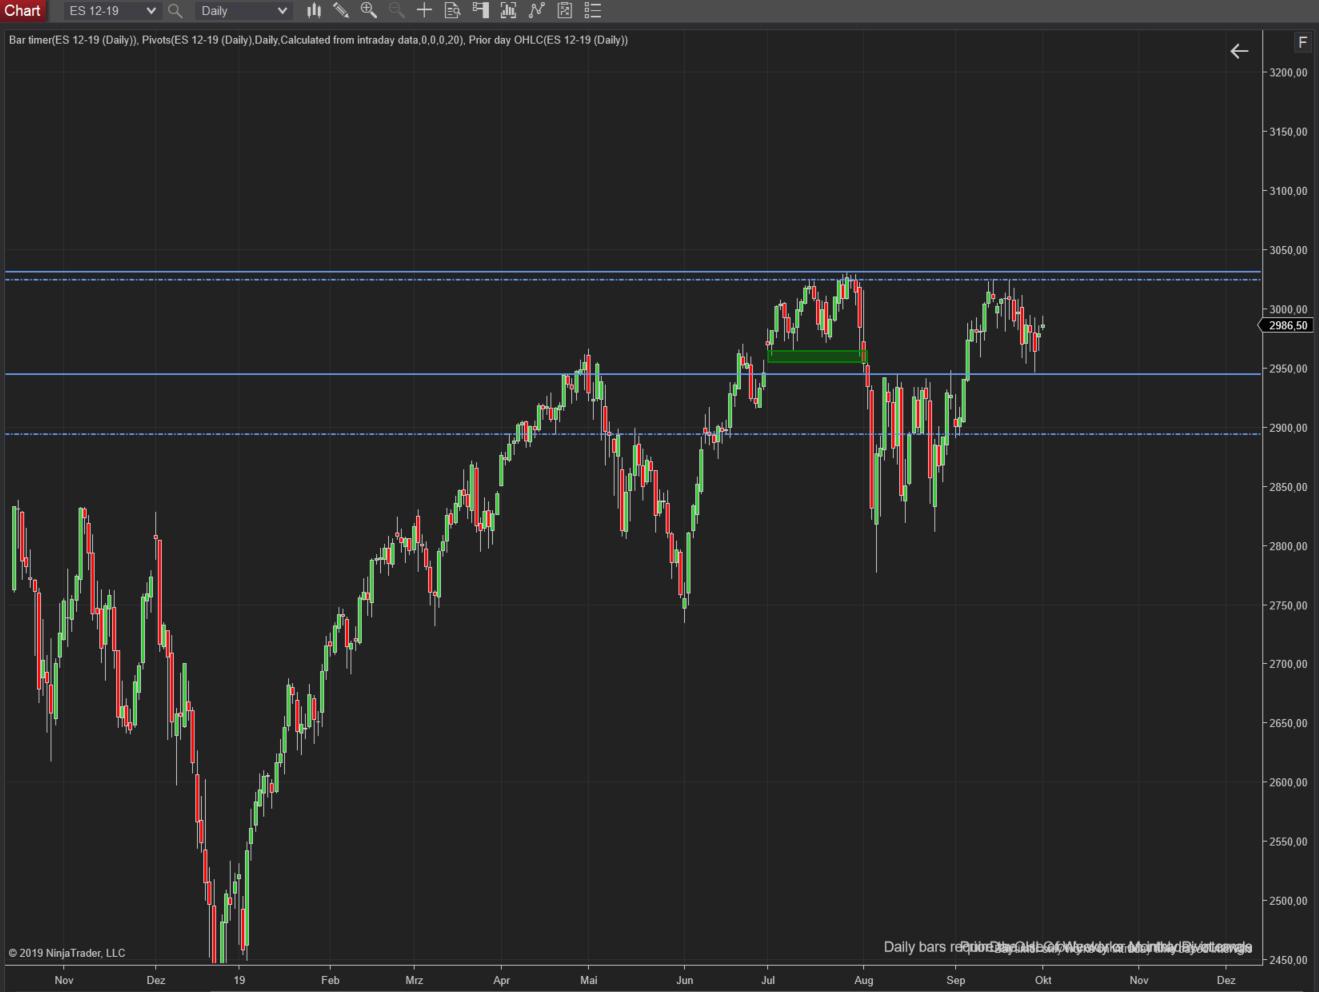 Tageschart S&P500 mit Orientierungslinien